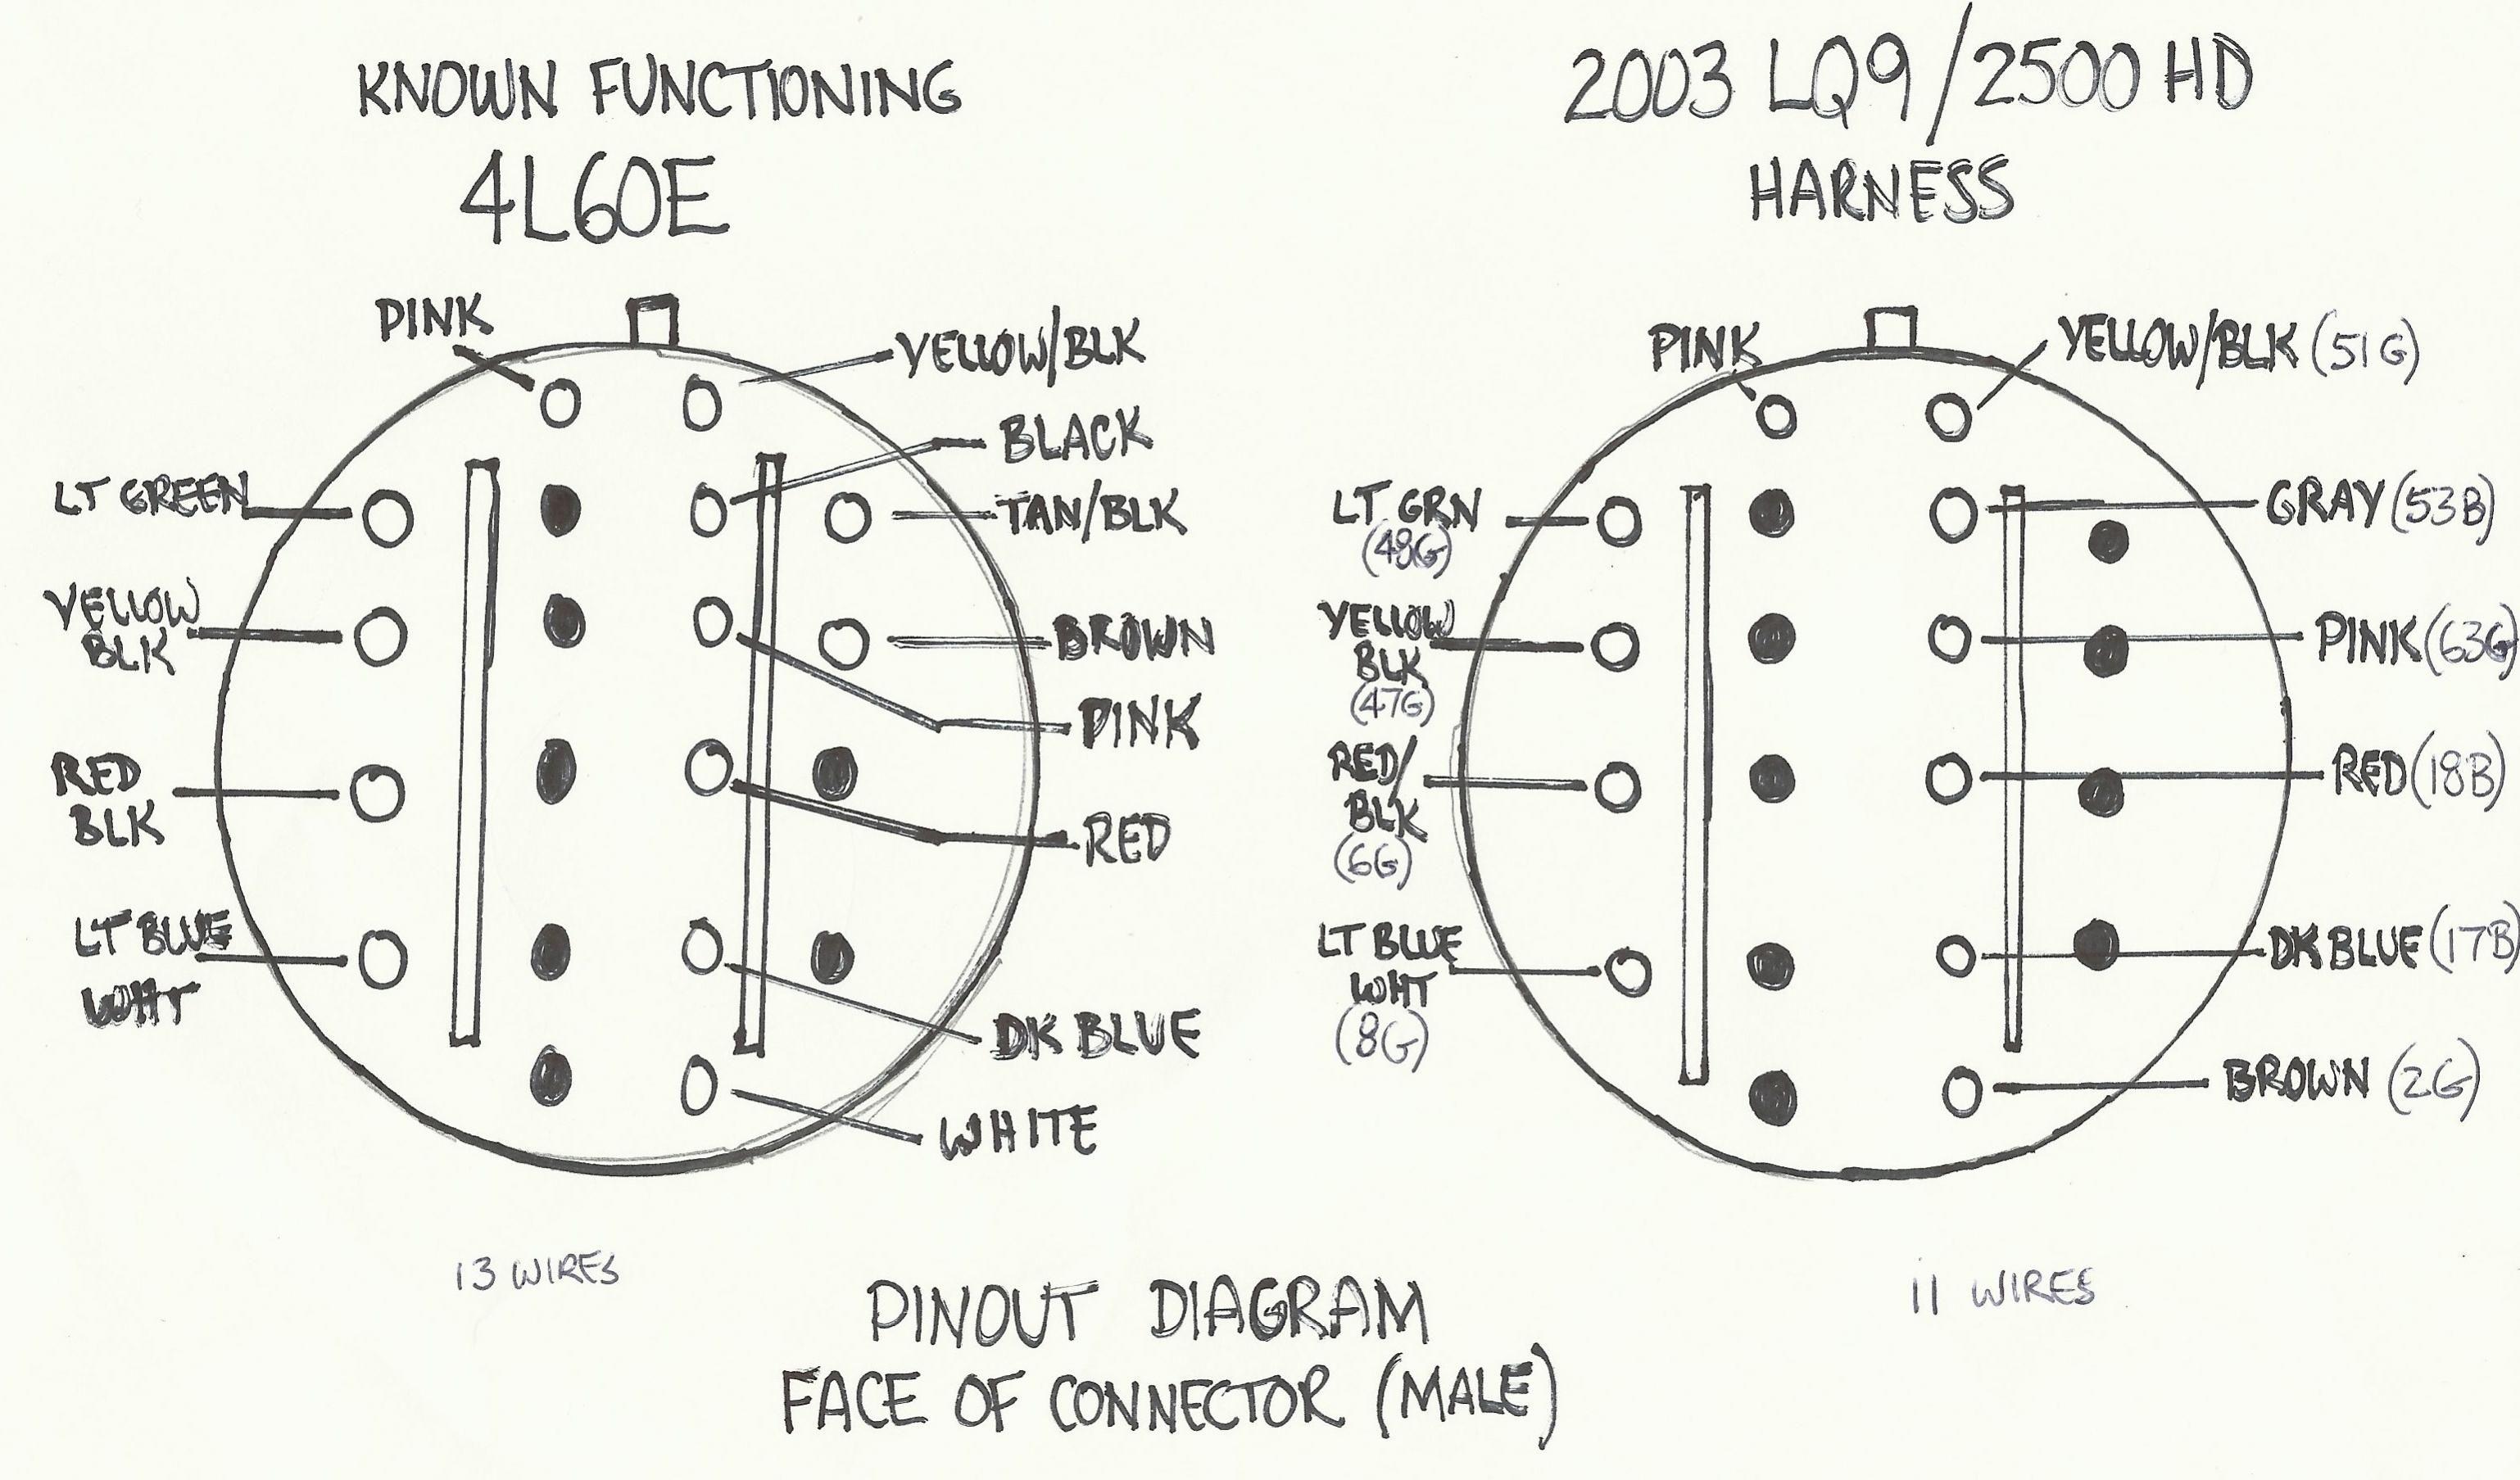 Gm 4L60E Wiring Diagram - Schema Wiring Diagram - 4L60E Wiring Diagram